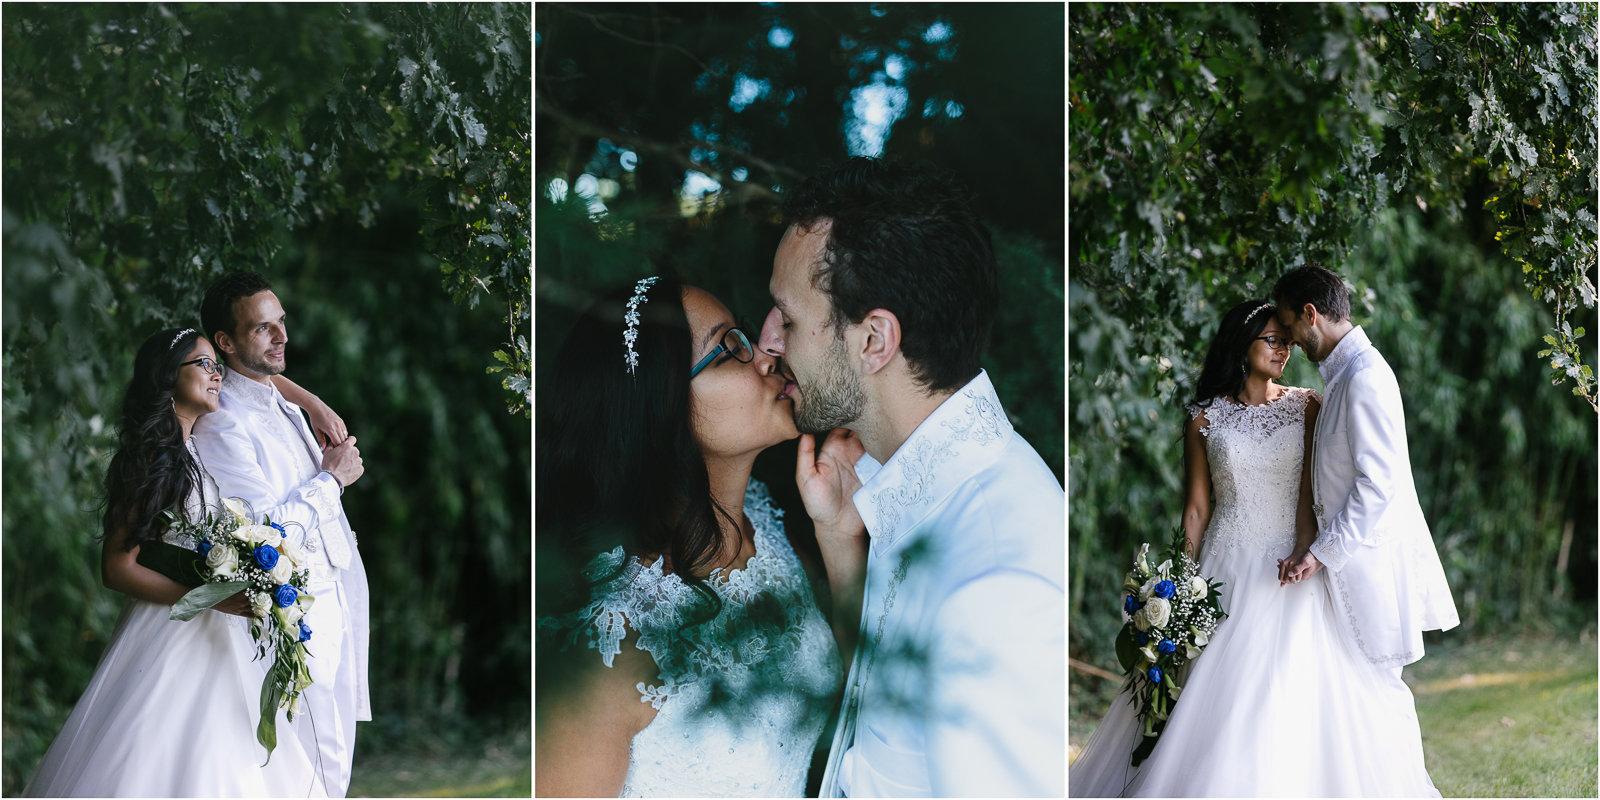 Photographe mariage la baule (10 of 12).jpg